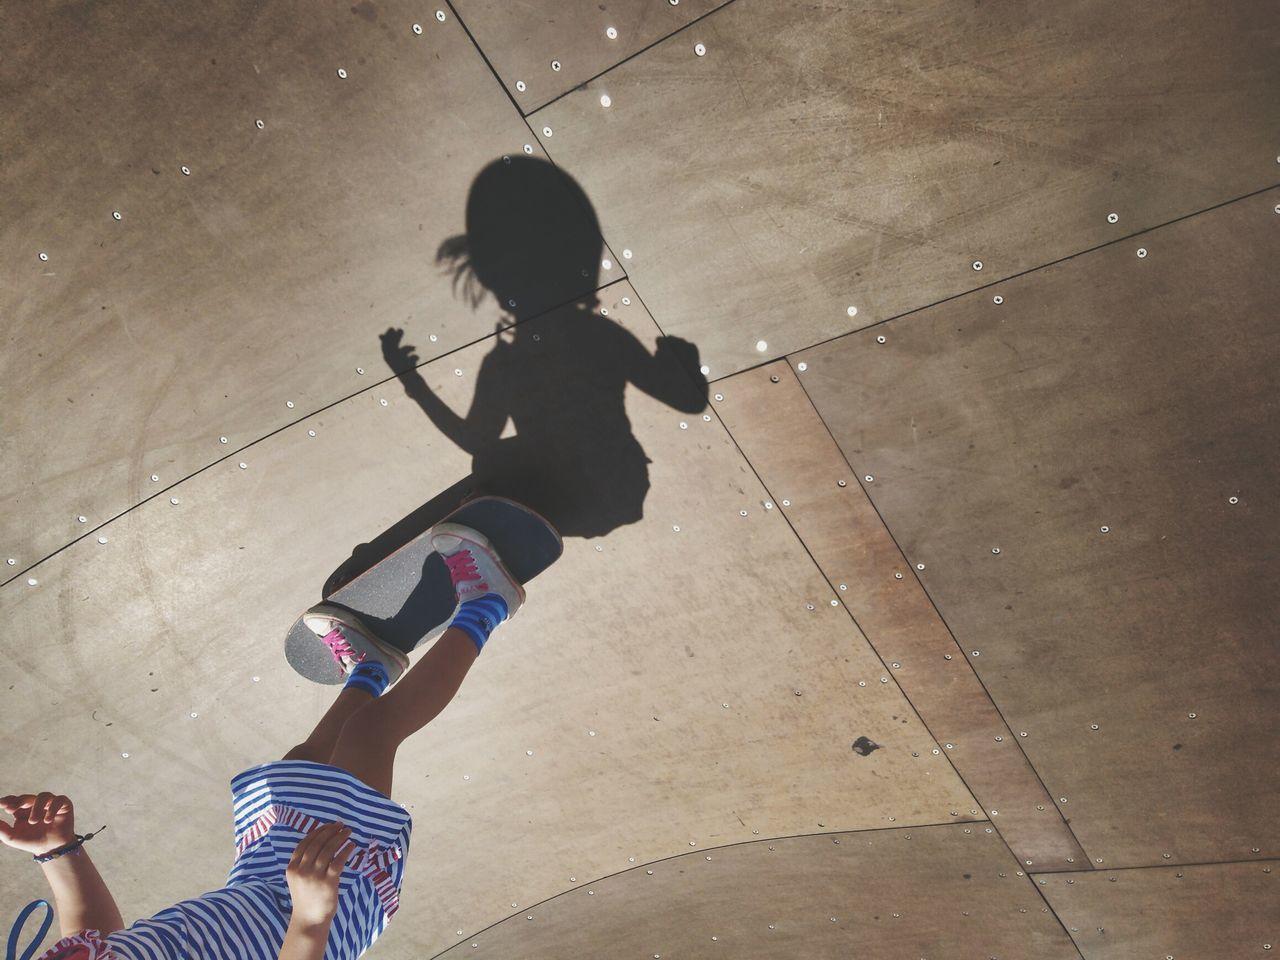 Movement Photography Motion Summer Childhood Sport One Person Sunlight Day Children Only Extreme Sports Child Full Length Dress Training Skill  Skatepark Skate Park Leisure Activity Skategirl Skatelife Skateboarder Miniramp